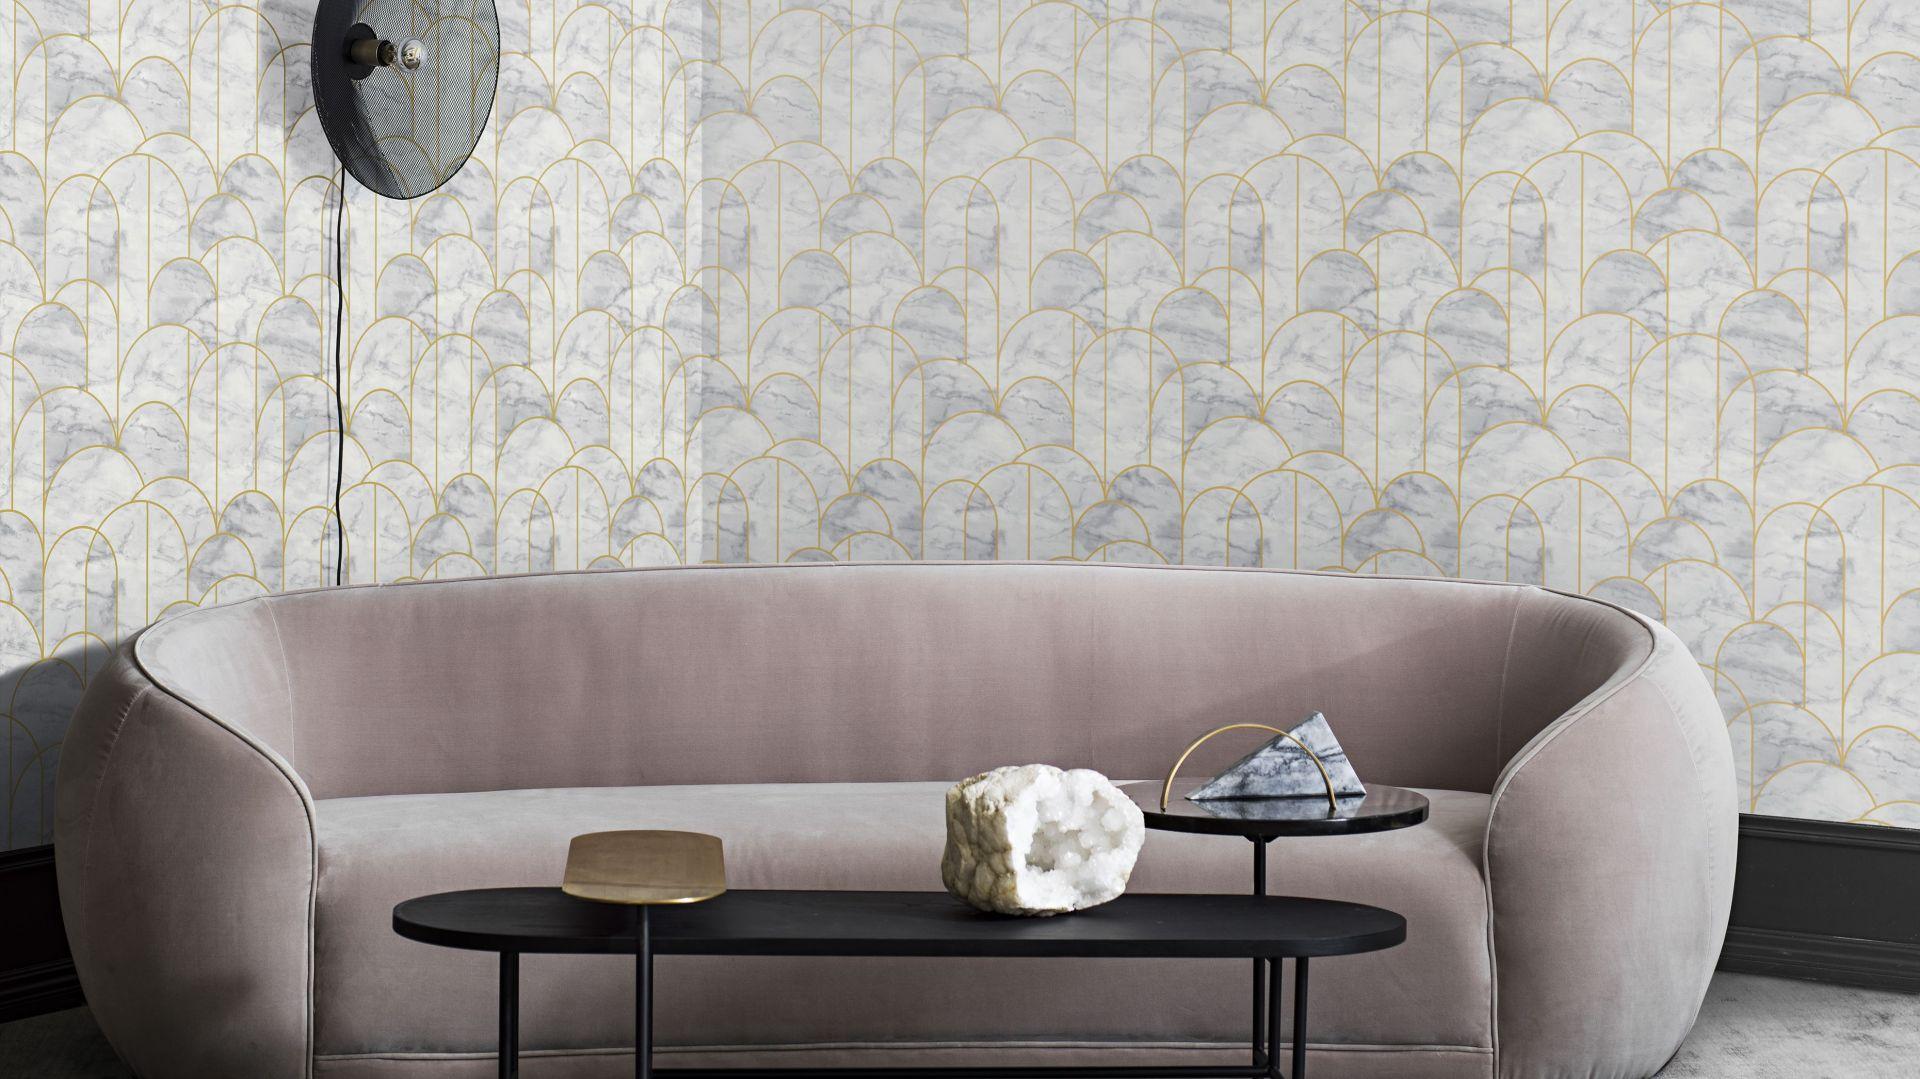 Kolekcja Graphic World zaprojektowana przez Engblad & Co. Fot. tapetujemy.pl